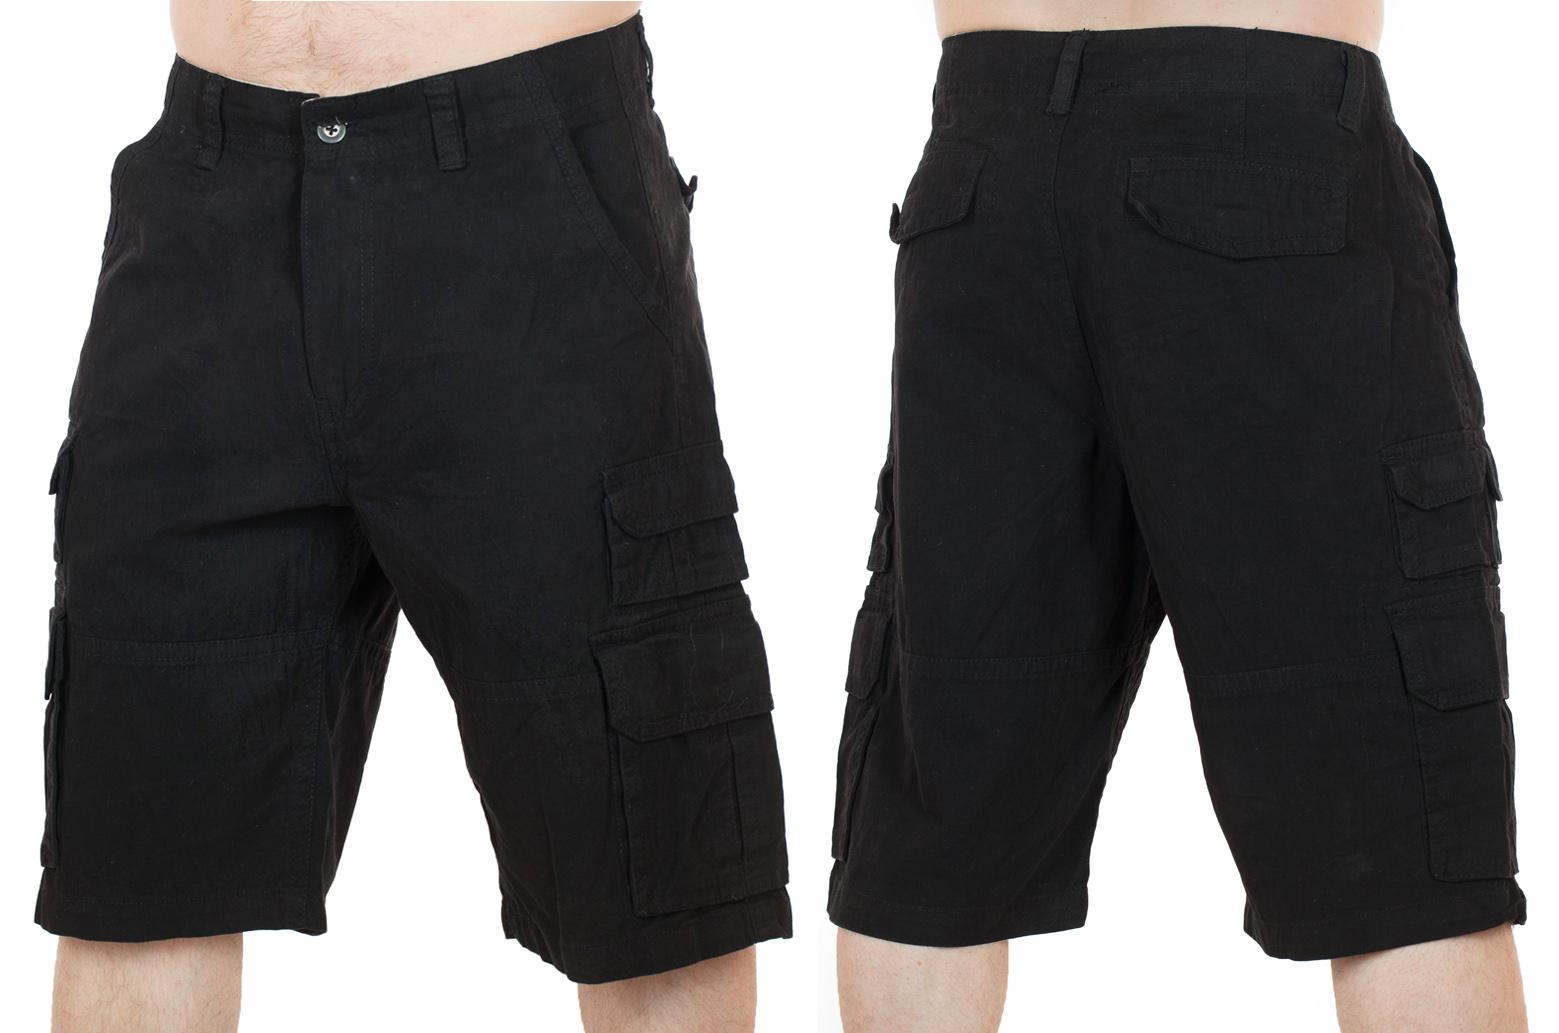 Тактические шорты (Iron Co., США) с доставкой